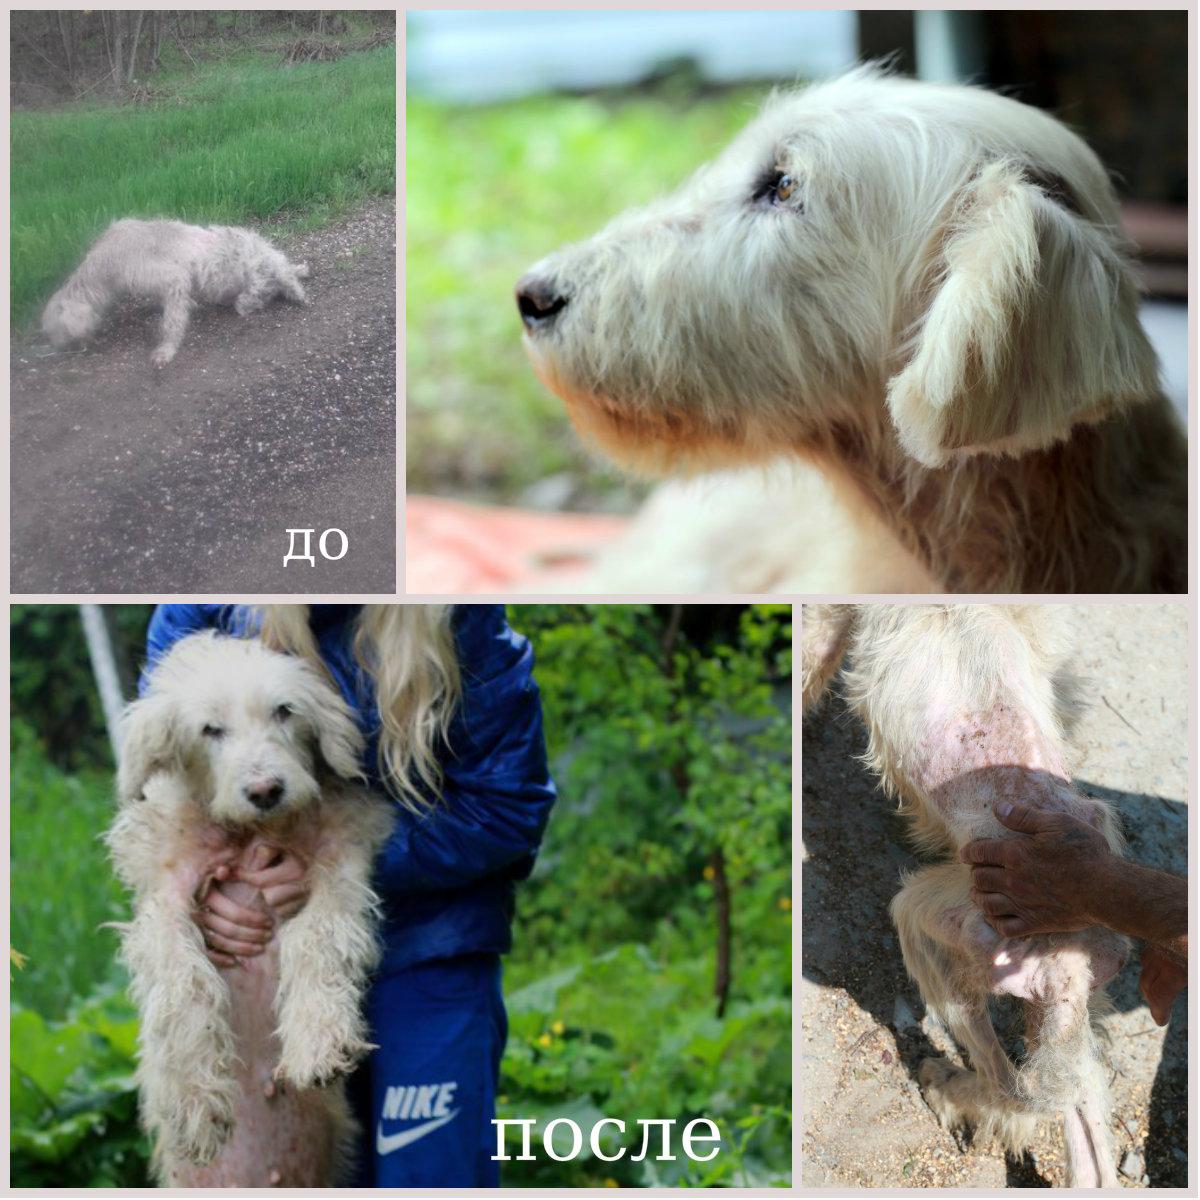 волонтеры спасли южнорусскую овчарку